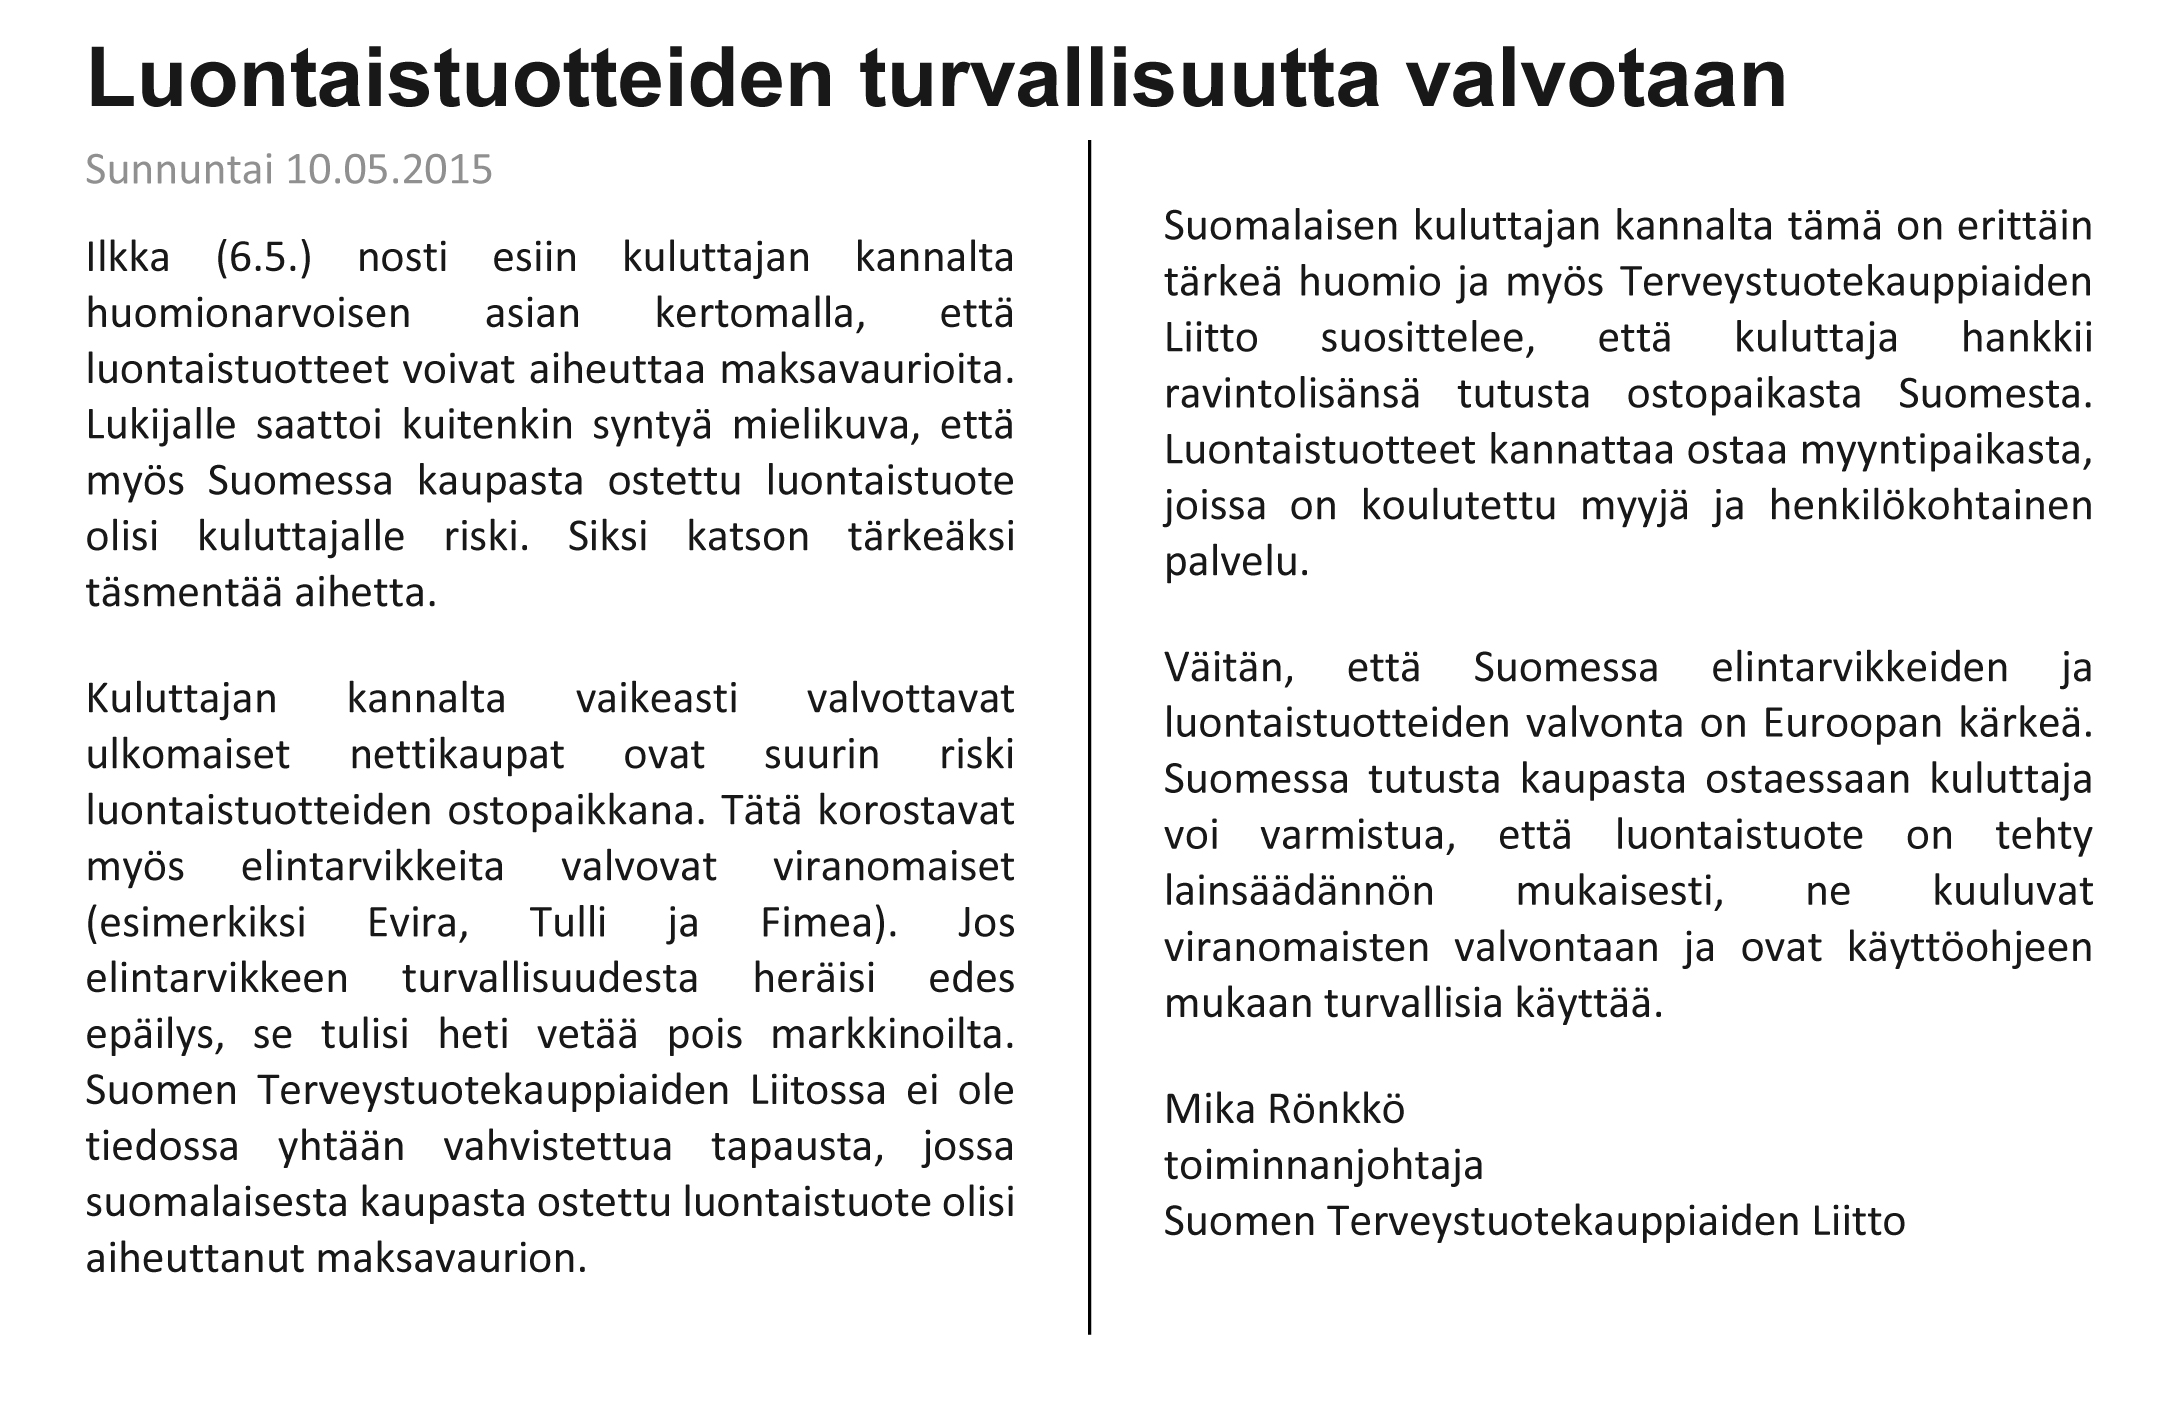 Suomen Luontaistuotekauppiaiden liiton oikaisu